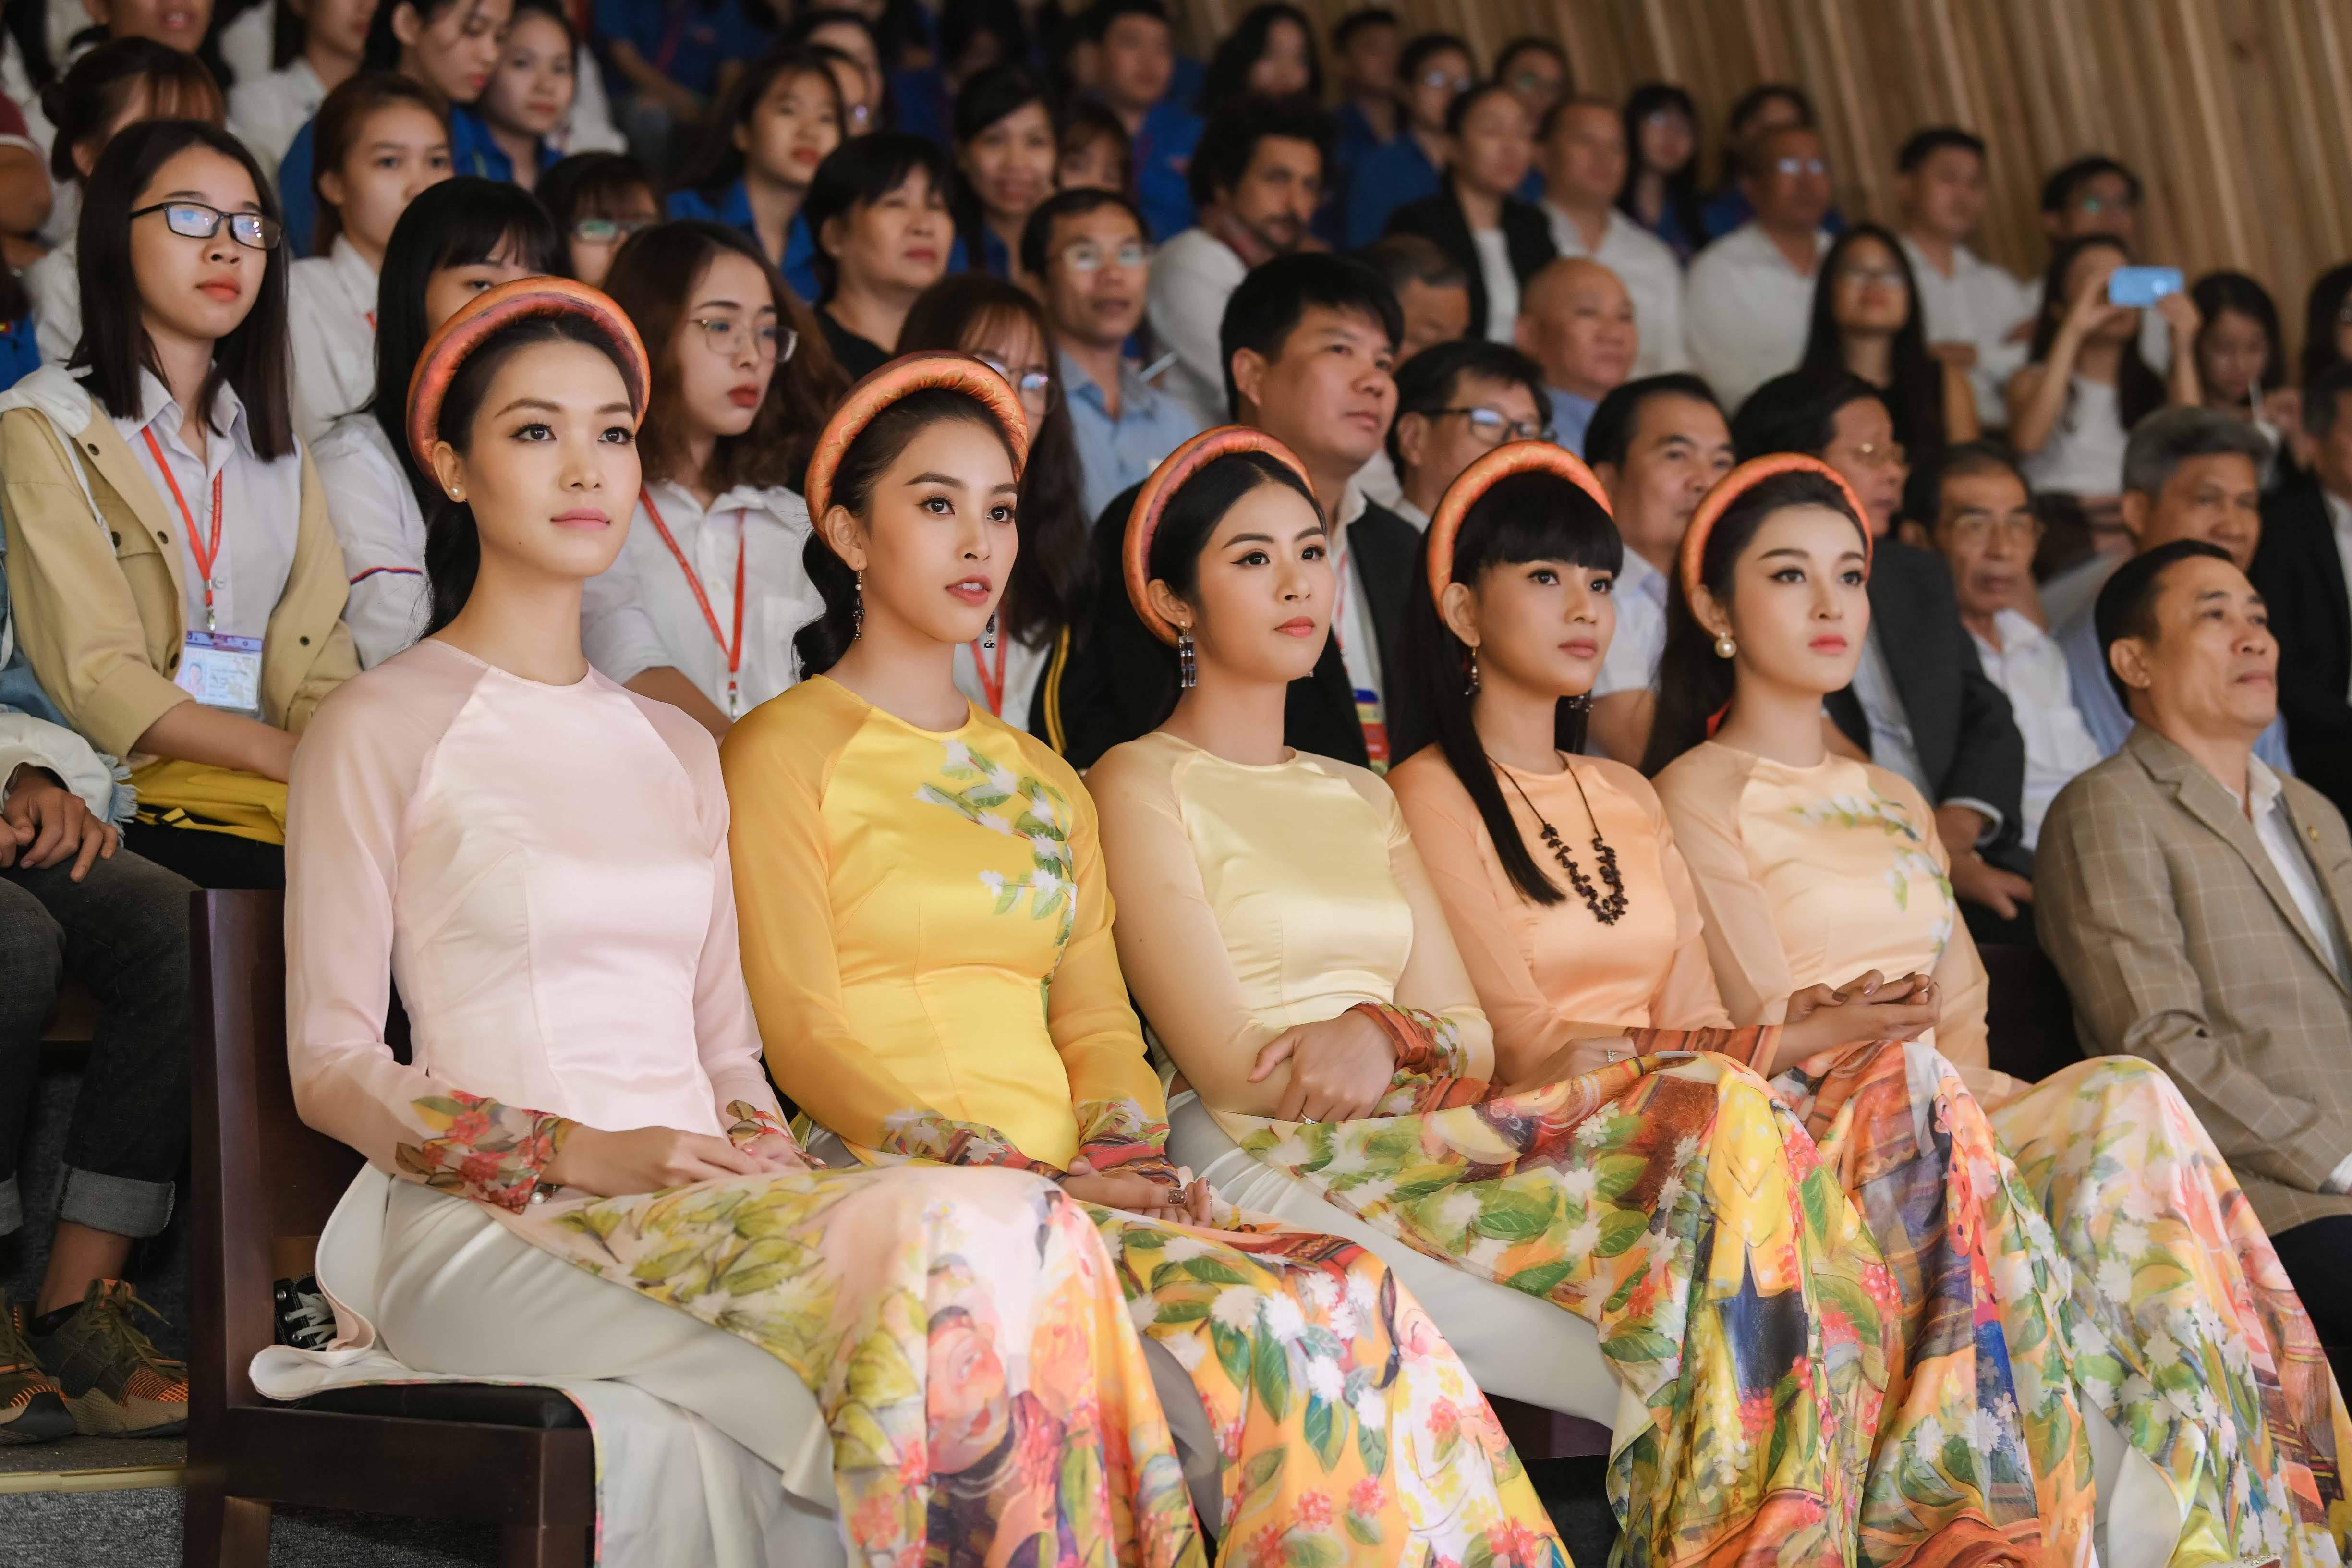 Hoa hậu Thùy Dung tái xuất, ngỡ ngàng nhan sắc sau 10 năm đăng quang 7